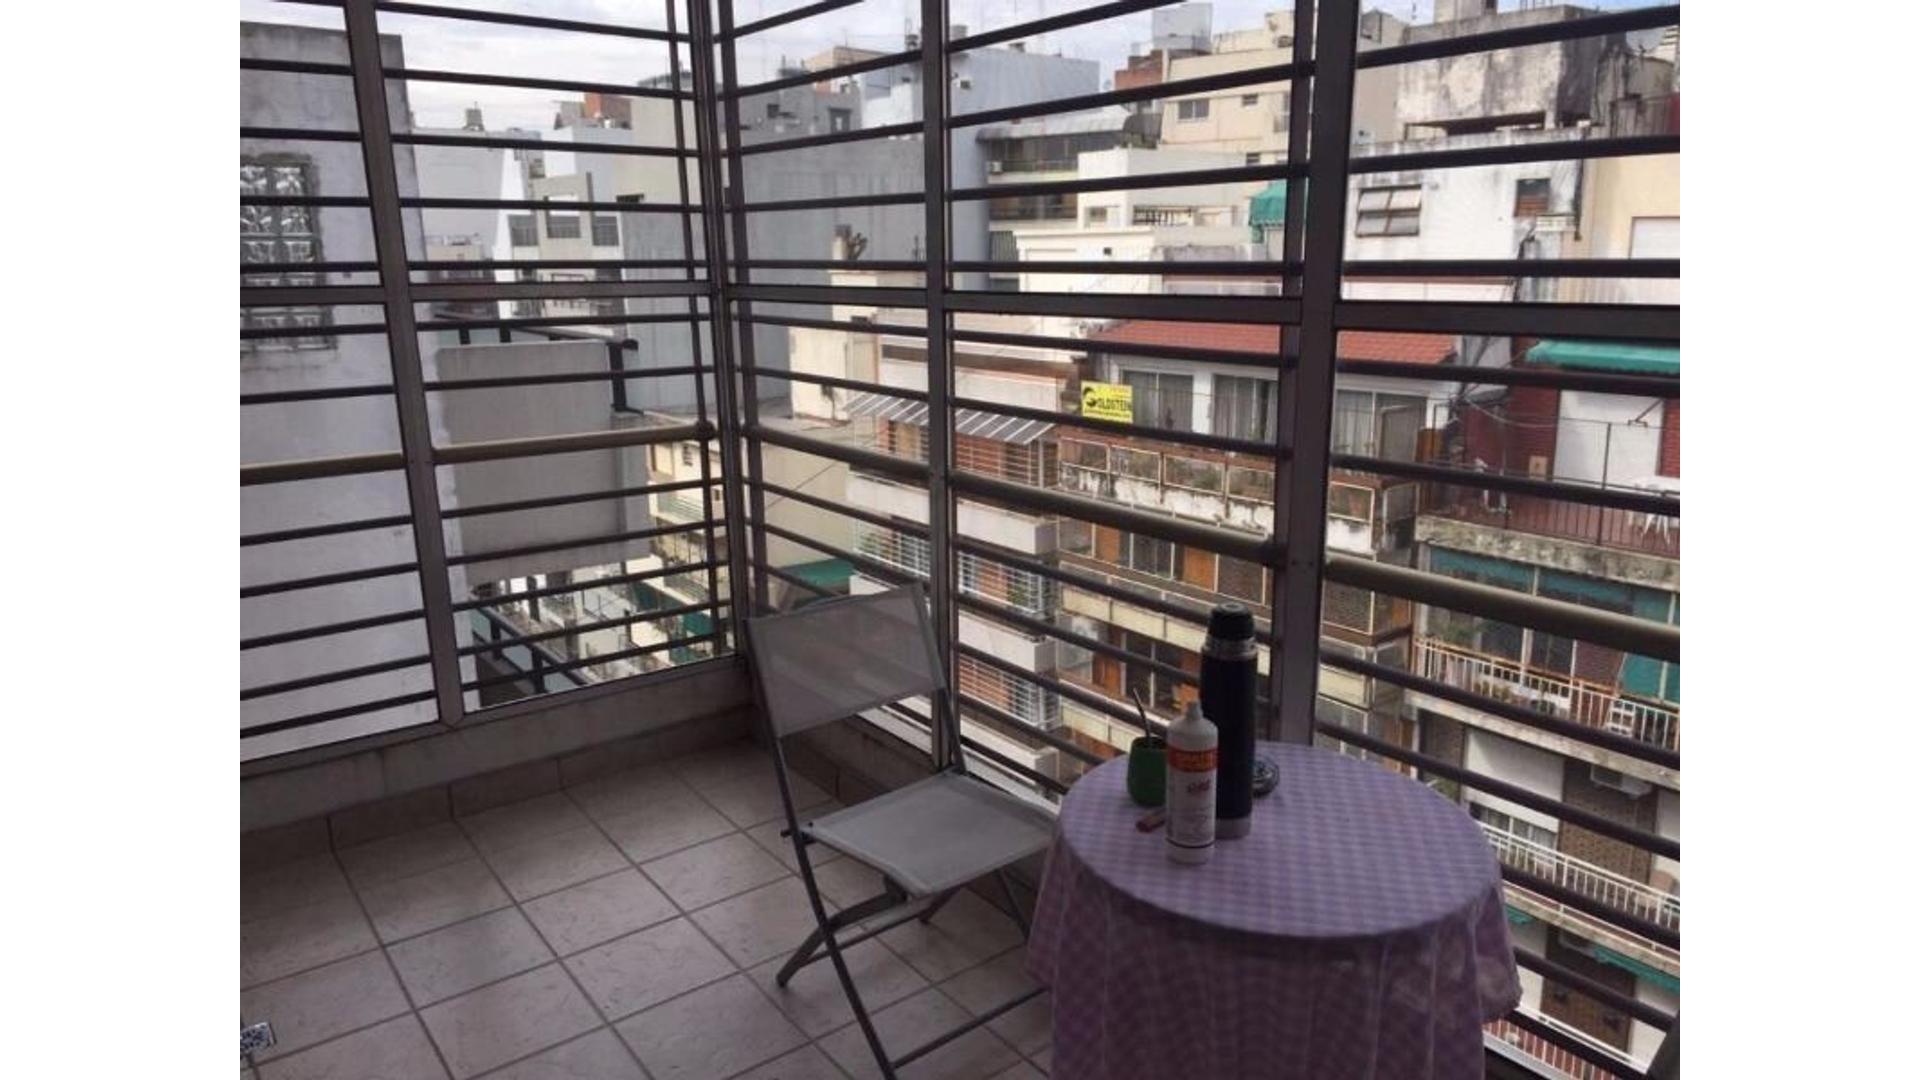 Excelente 4 amb. c/ cochera cubierta  -  3 dormitorios  -  3 baños - terraza propia c/ quincho